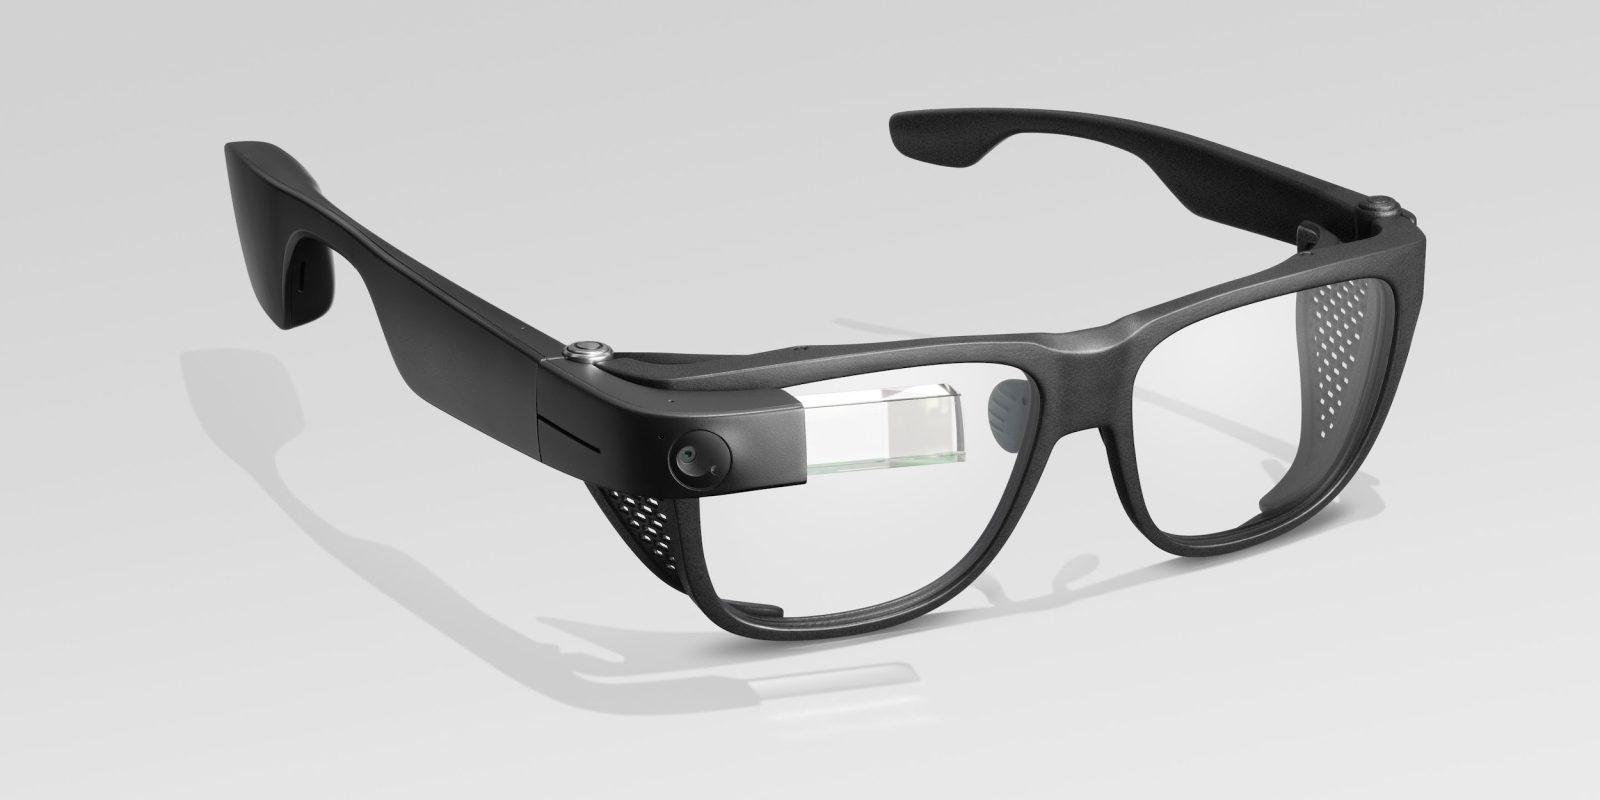 Nuovi-Google-Glass-2-Video